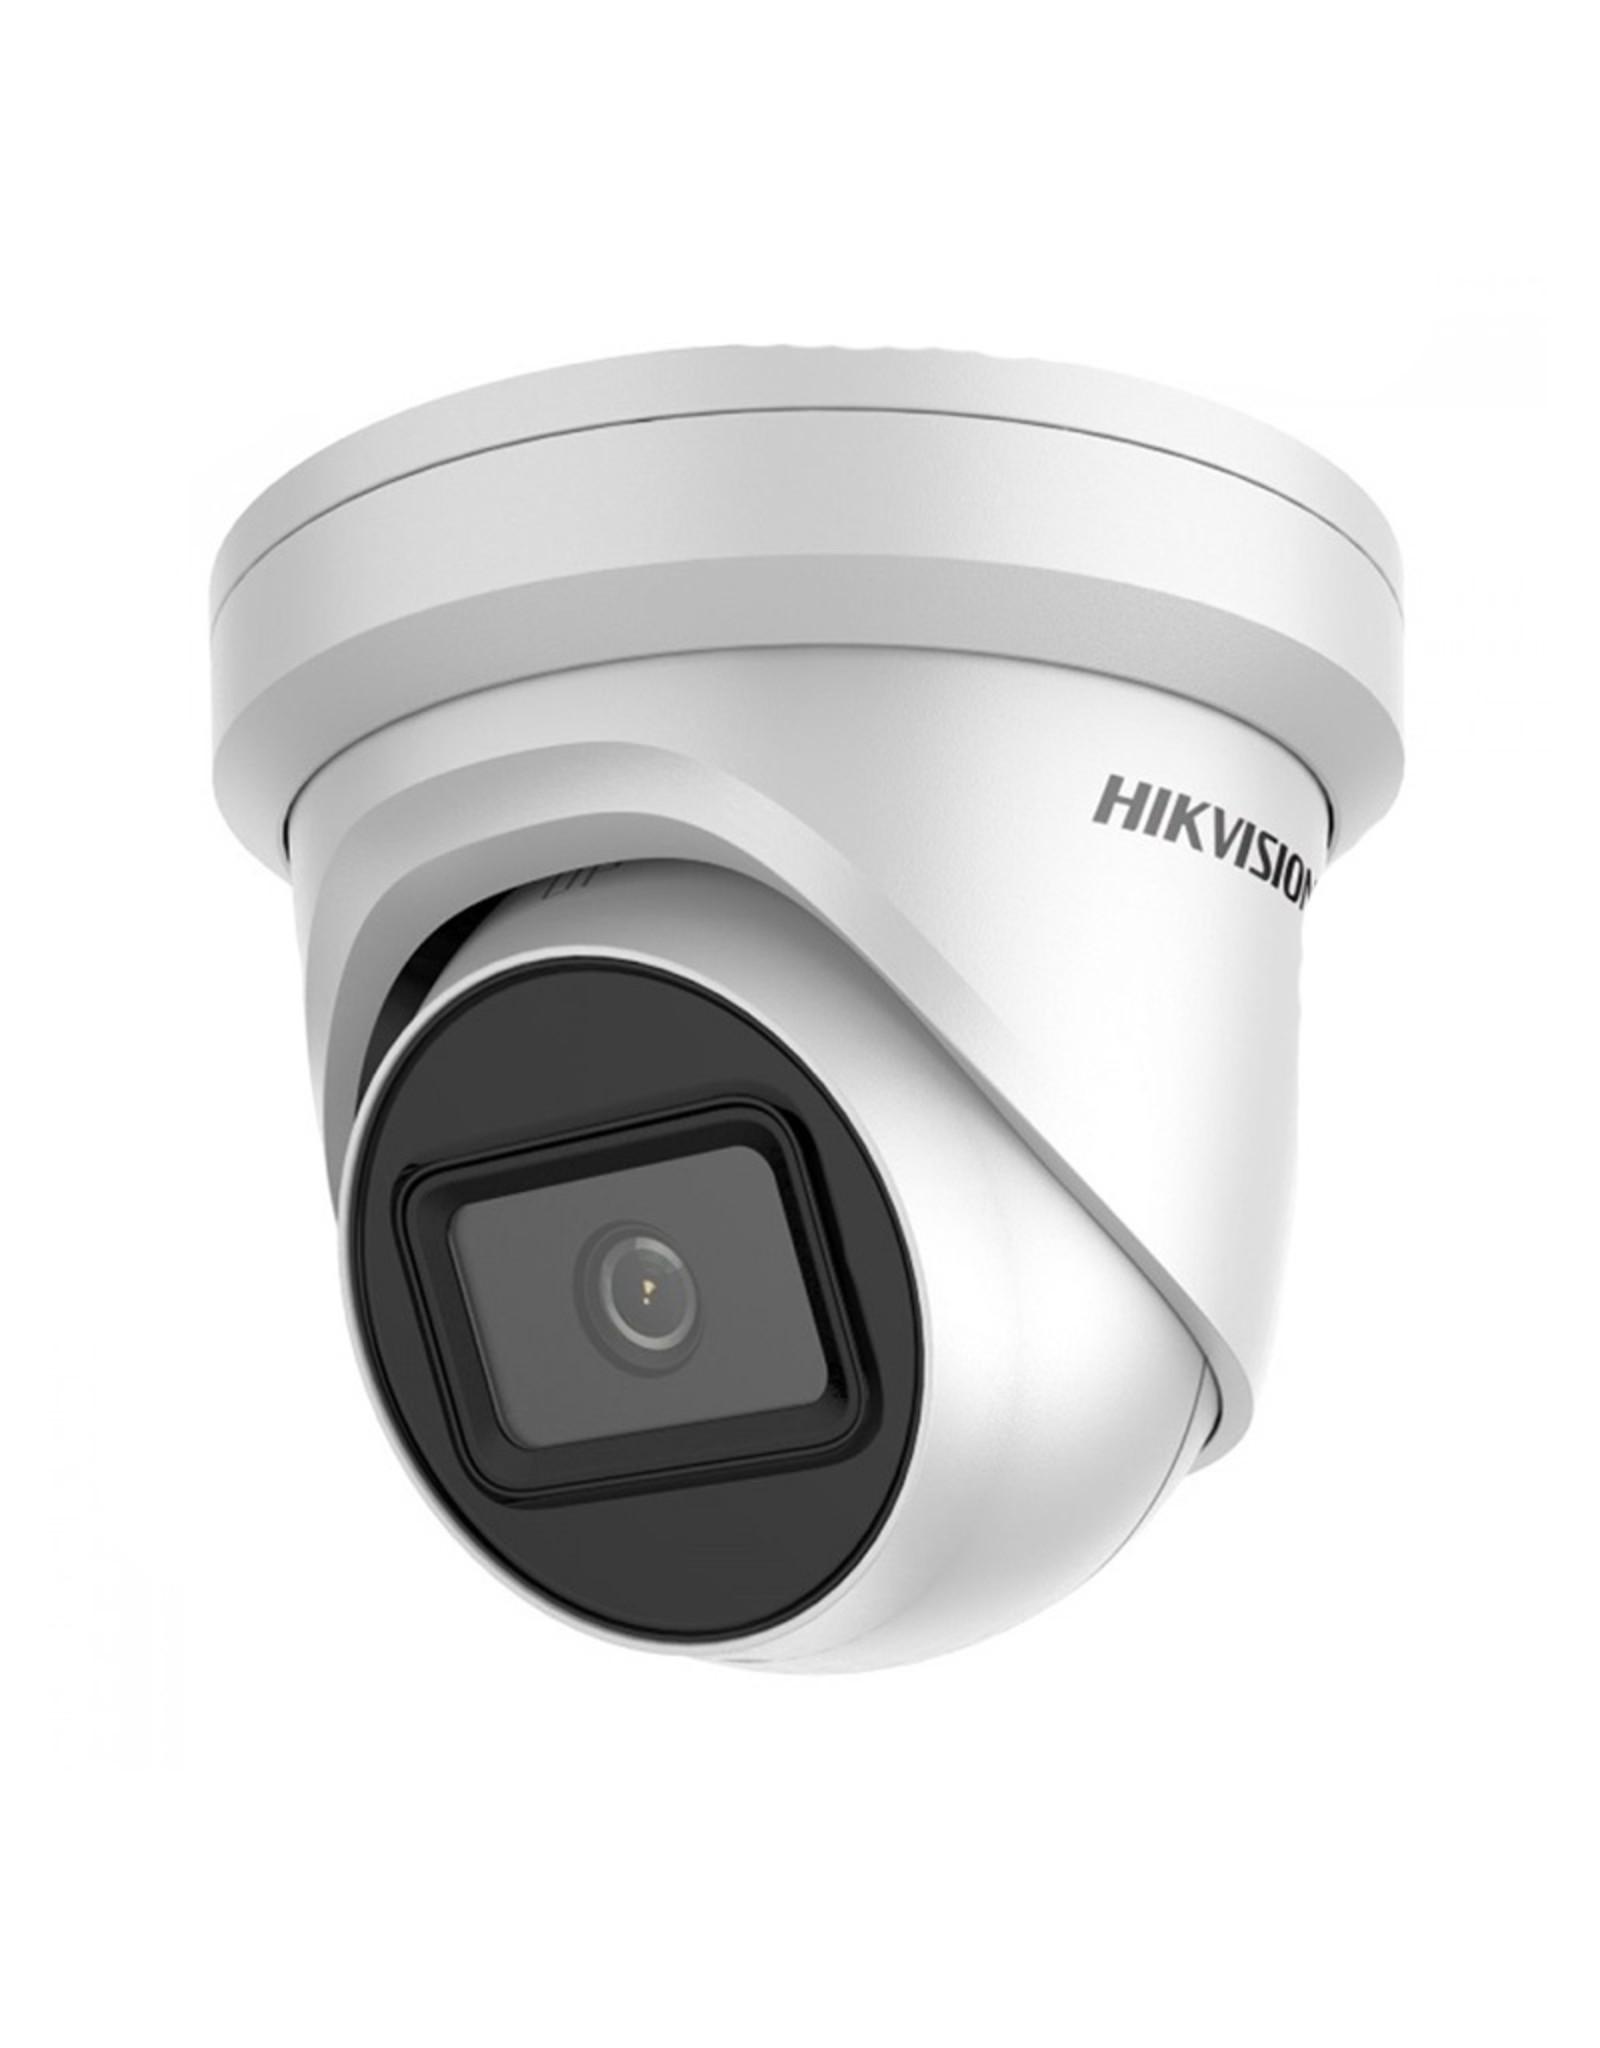 Hikvision Hikvision DS-2CD2385G1-I